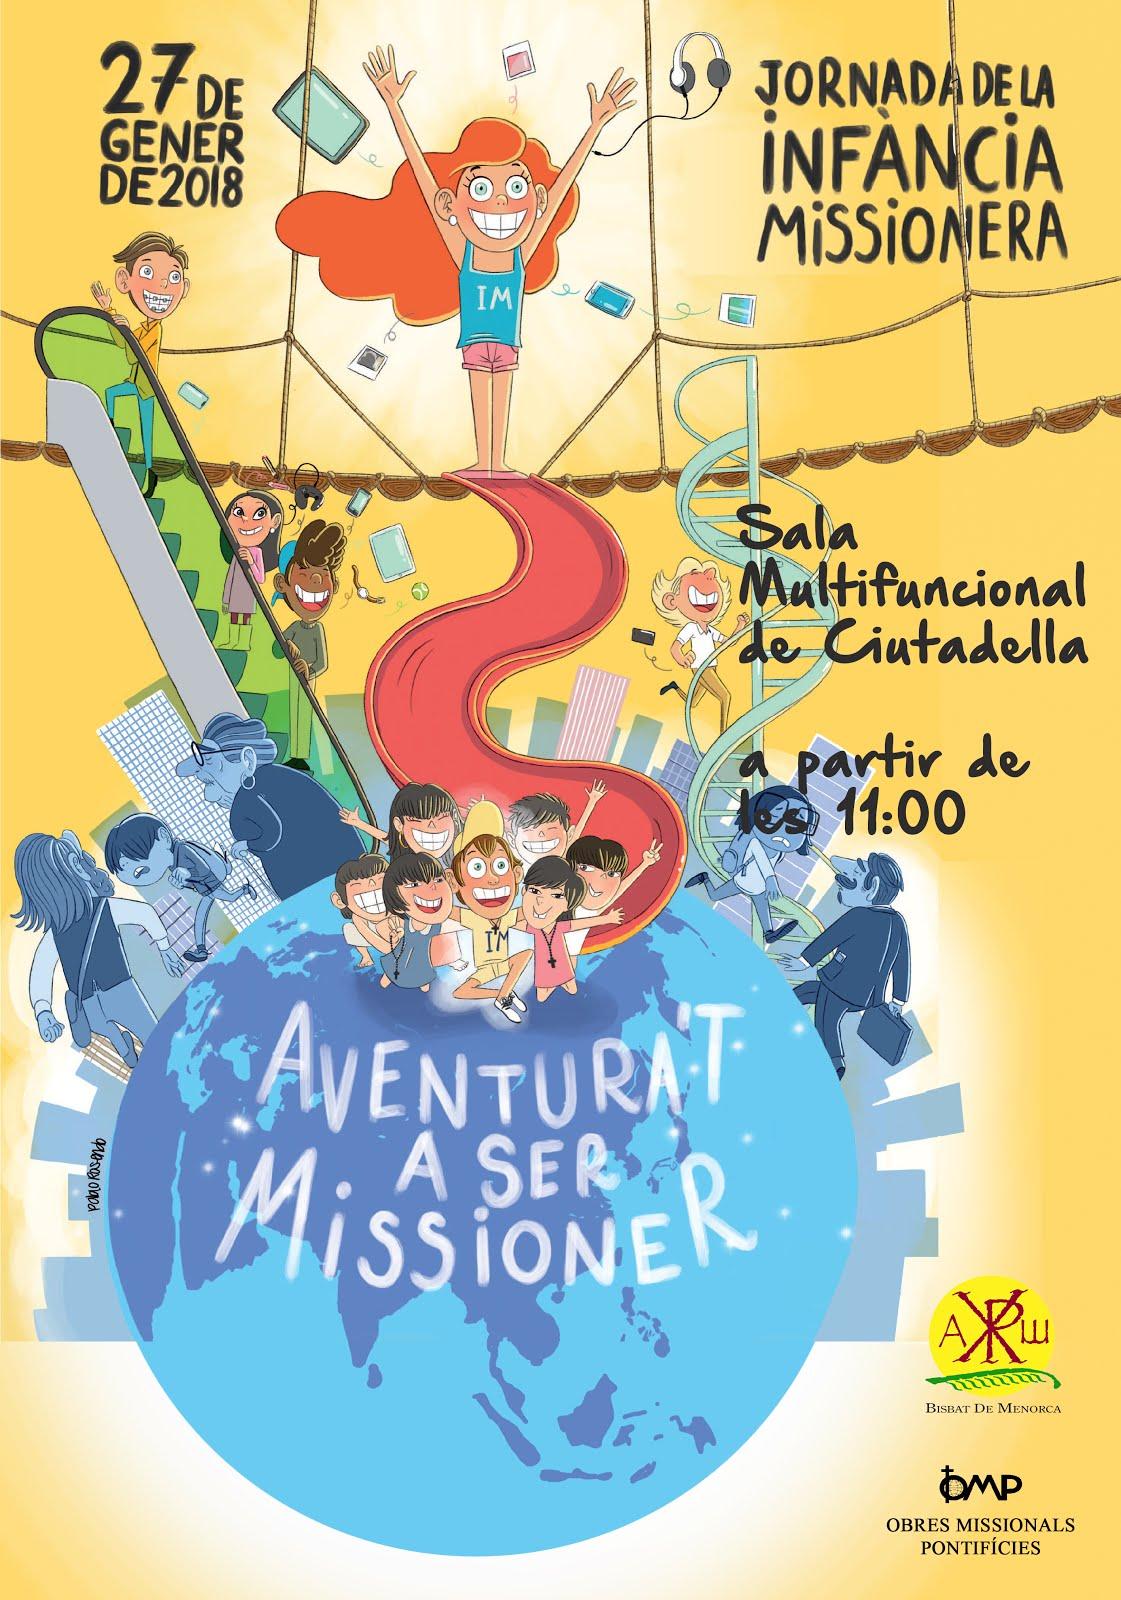 Jornada Infancia Missionera